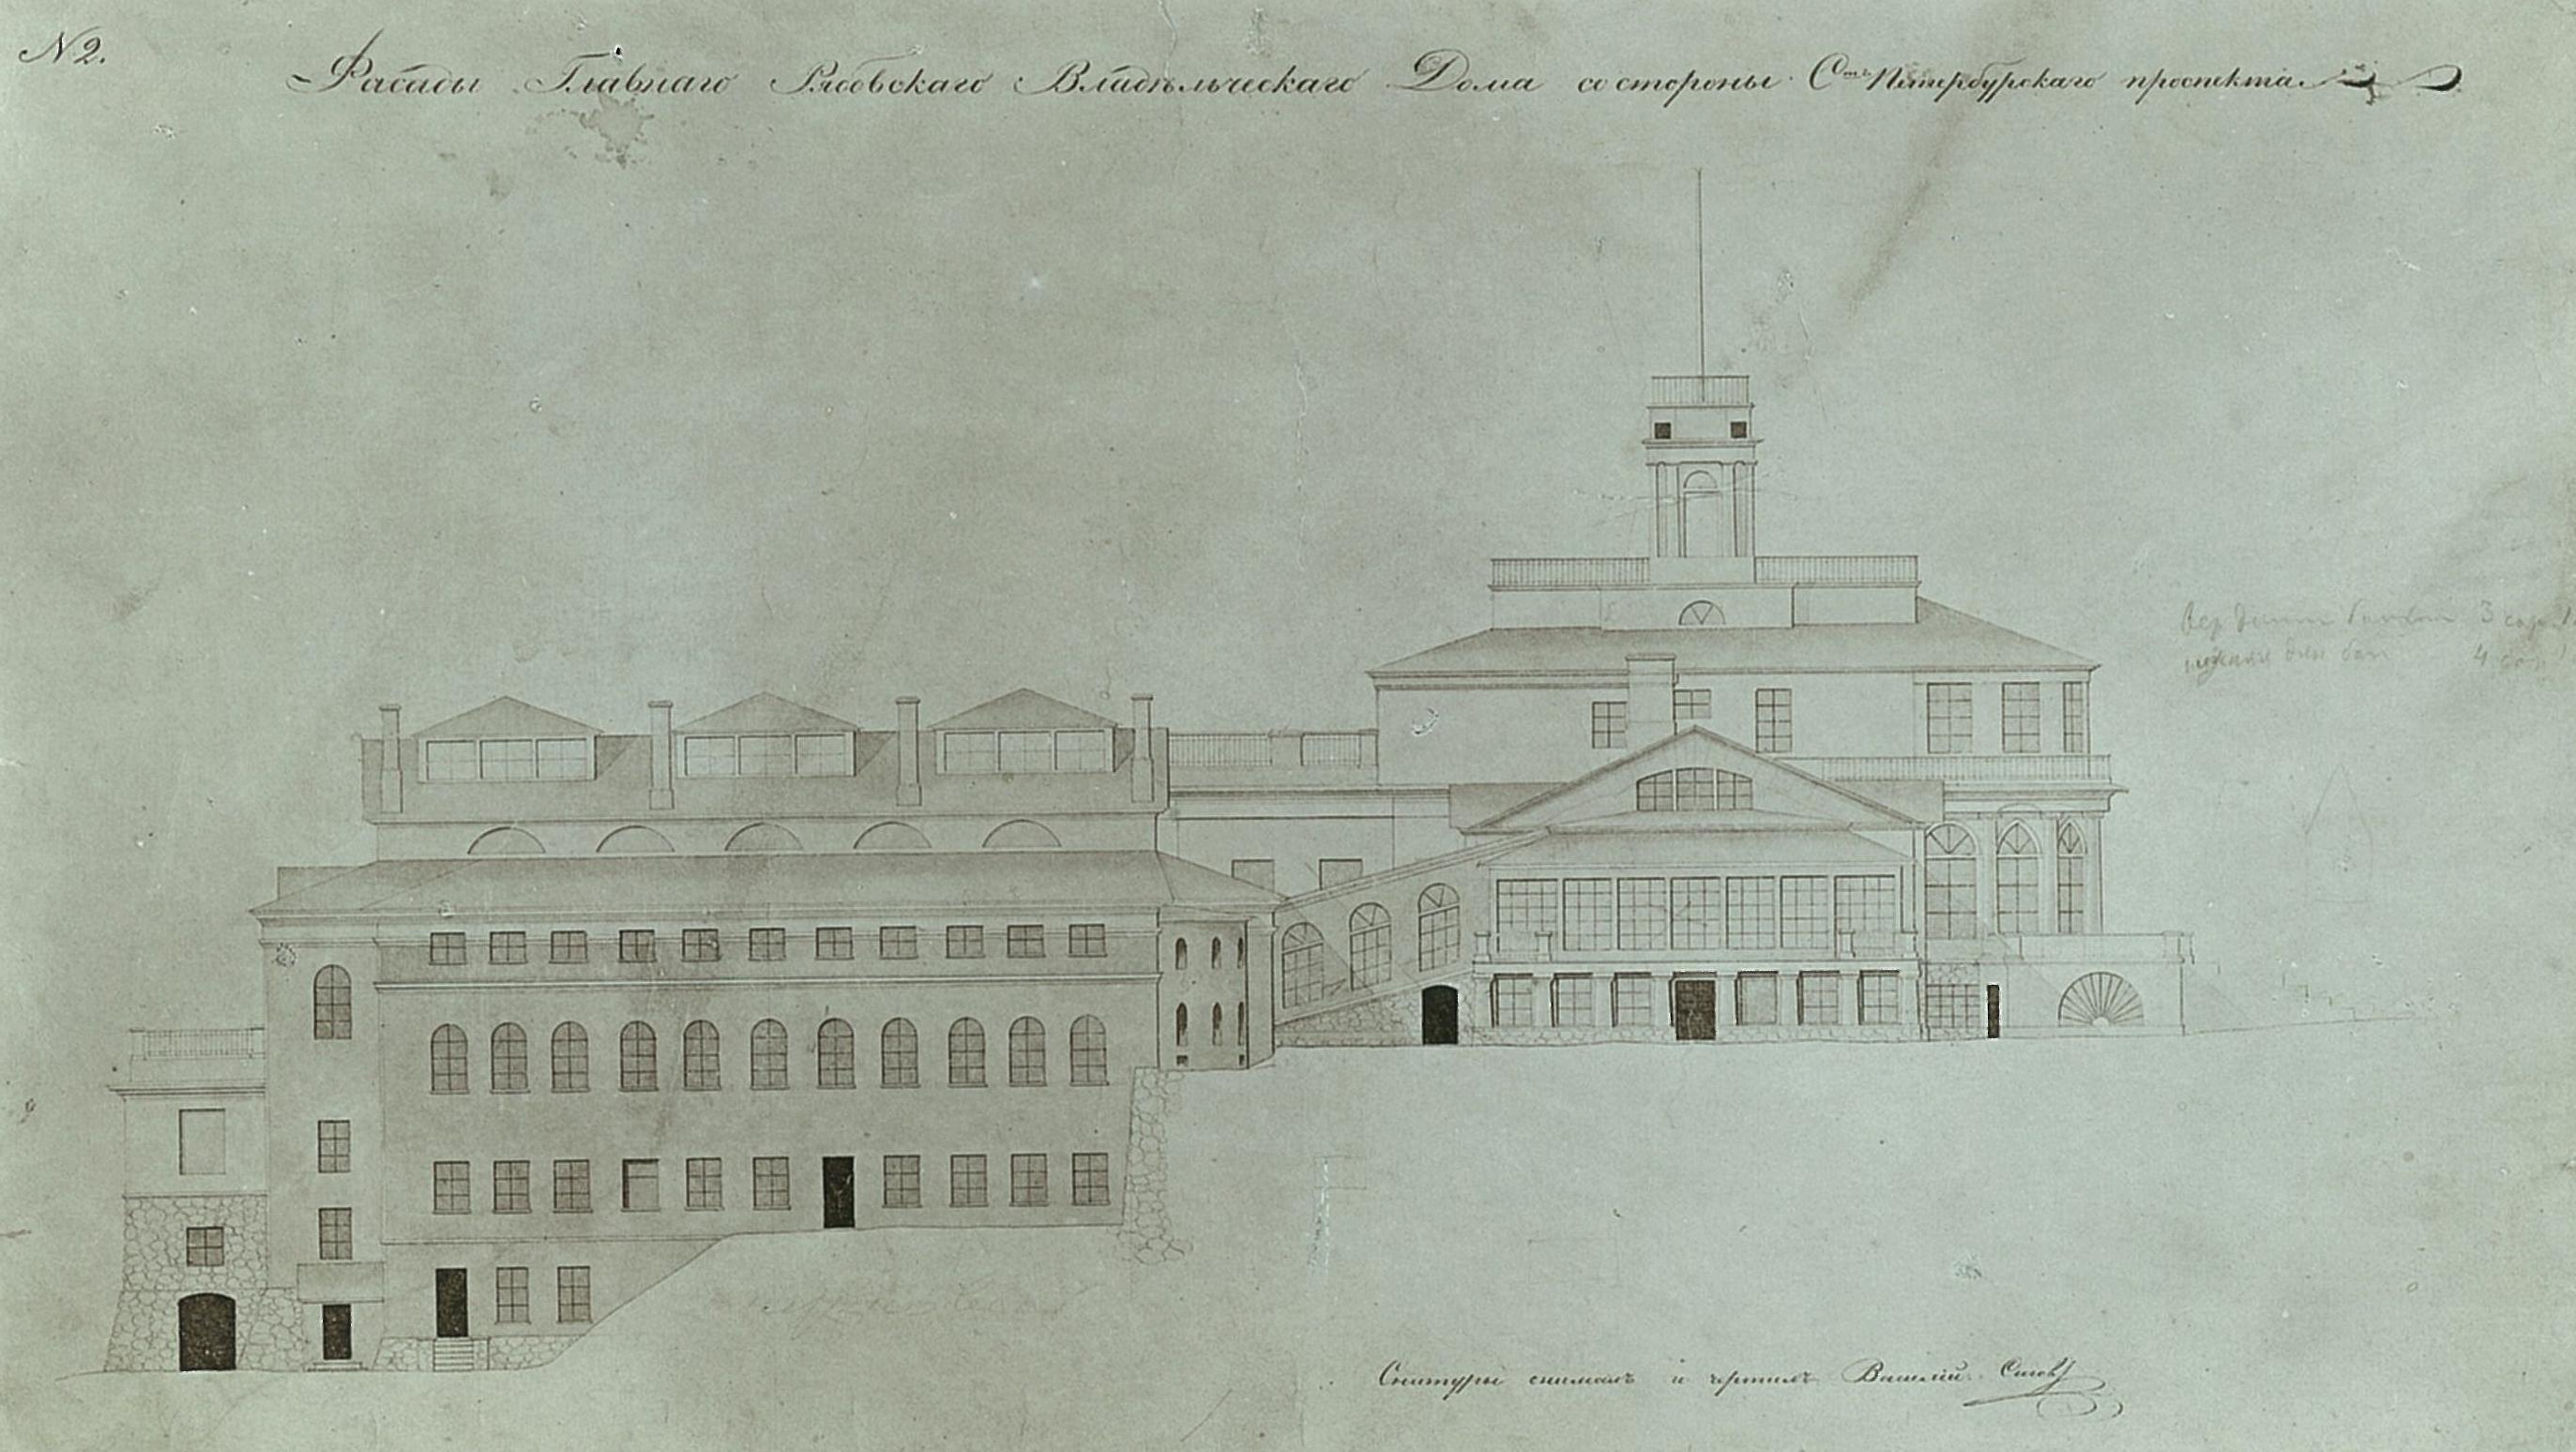 Фасад усадебного дома в Рябово со стороны Санкт-Петербургского проспекта. Обмерный чертёж XIX века (выполнен Василием Сиговым)